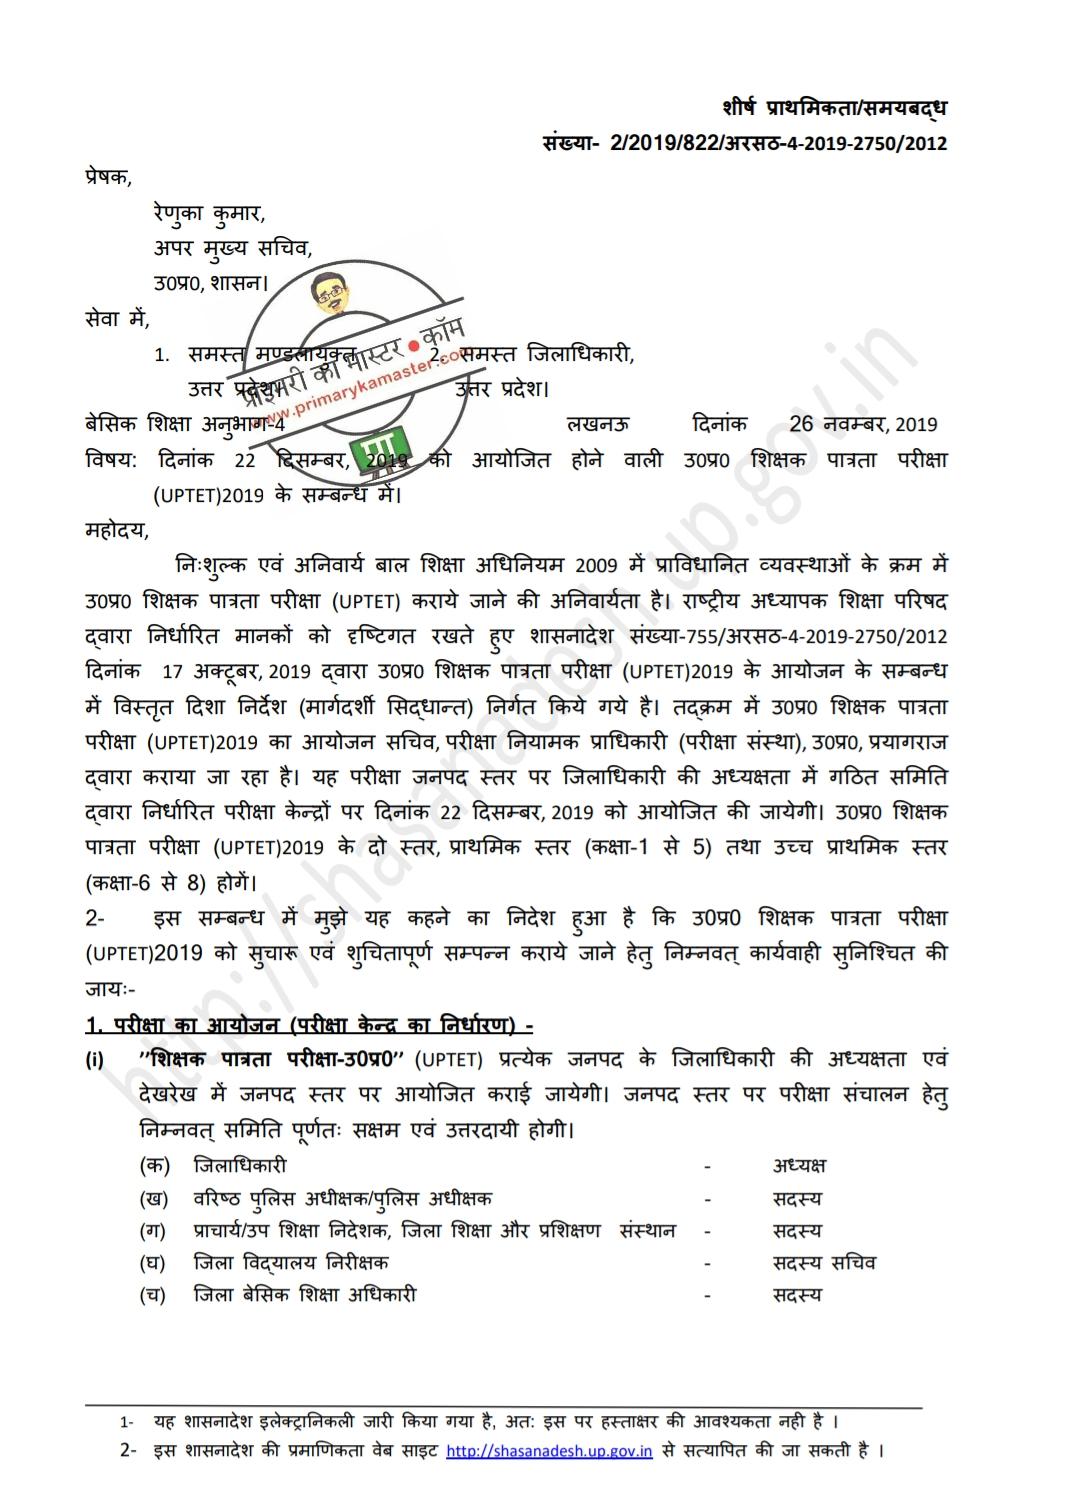 दिनाँक 22 दिसम्बर 2019 को आयोजित होने वाली UPTET 2019 के सम्बन्ध में अभ्यथियों एवं अधिकारियों हेतु आवश्यक निर्देश जारी, देखें